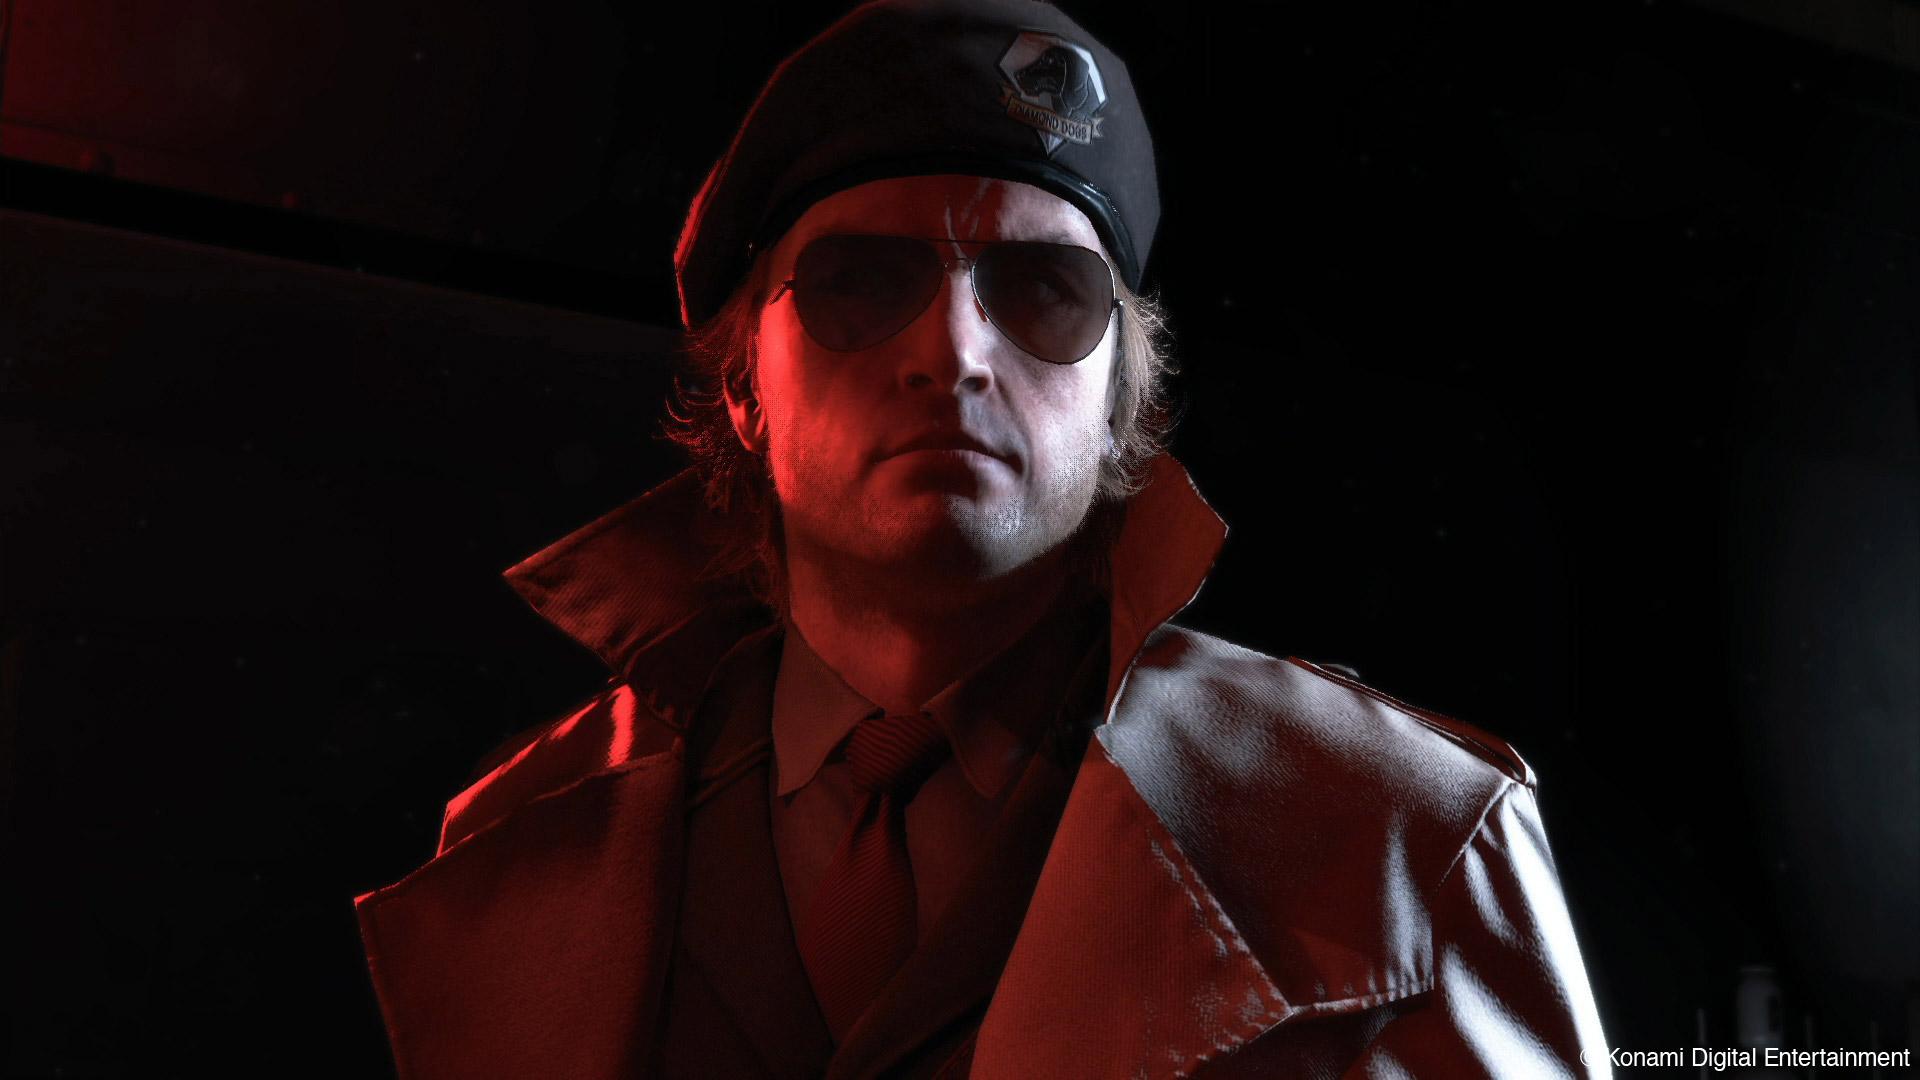 Metal Gear Solid V The Phantom Pain Wallpaper 8 Wallpapersbq